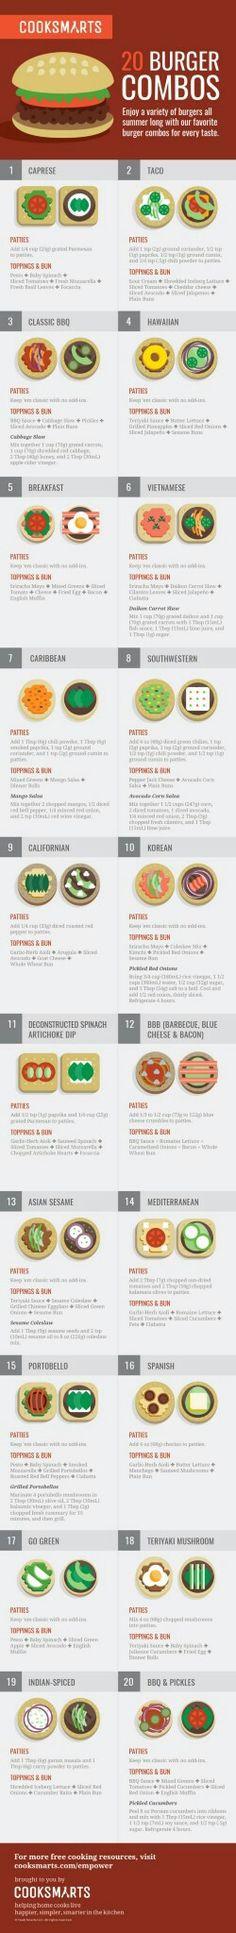 Guide du burger americain